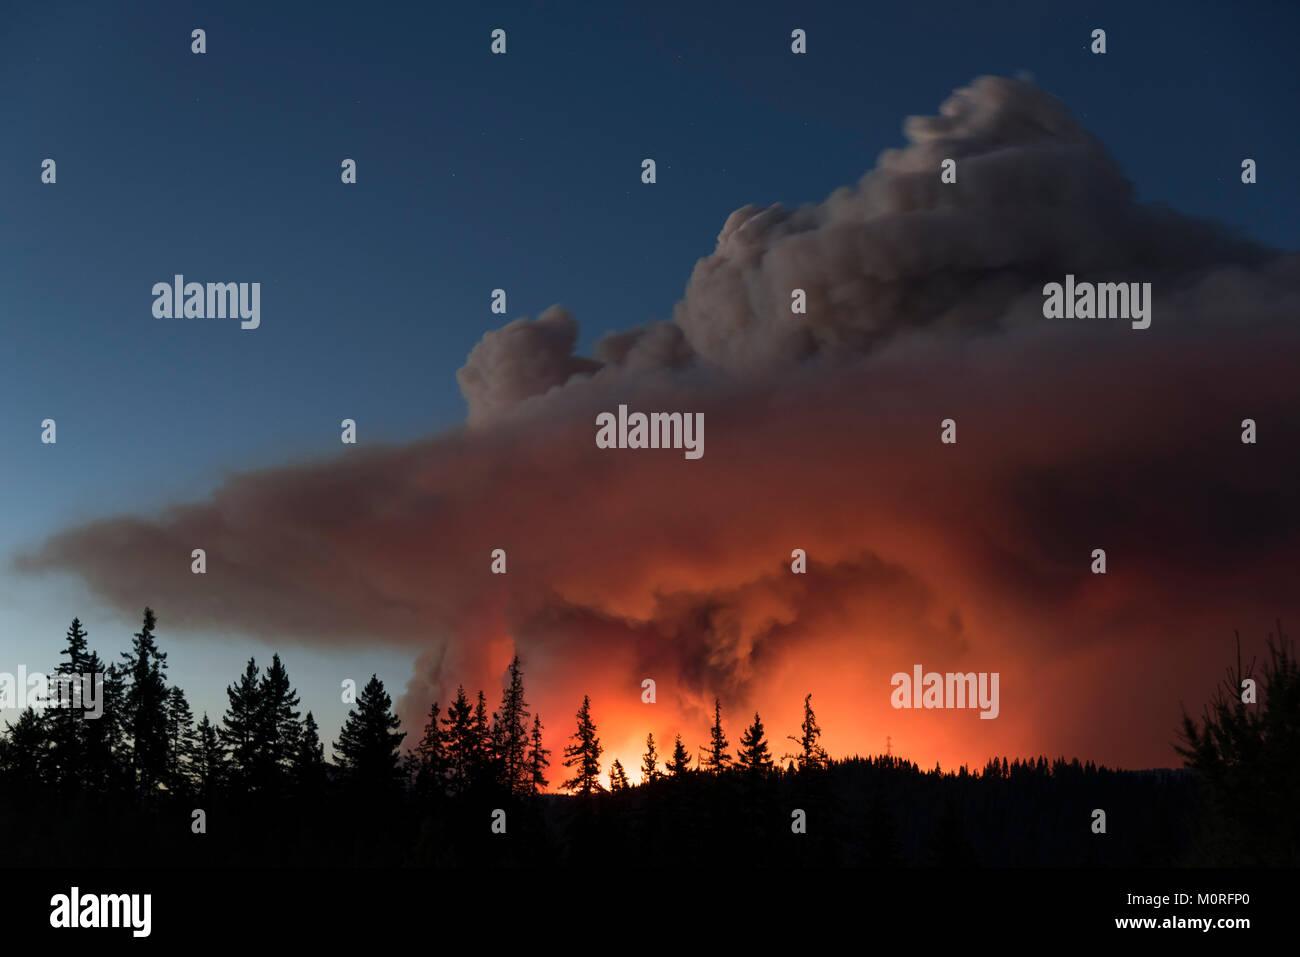 Une image de l'incendie de la montagne Jolly dans les Cascades mountains près de Cle Elum, Washington, Photo Stock